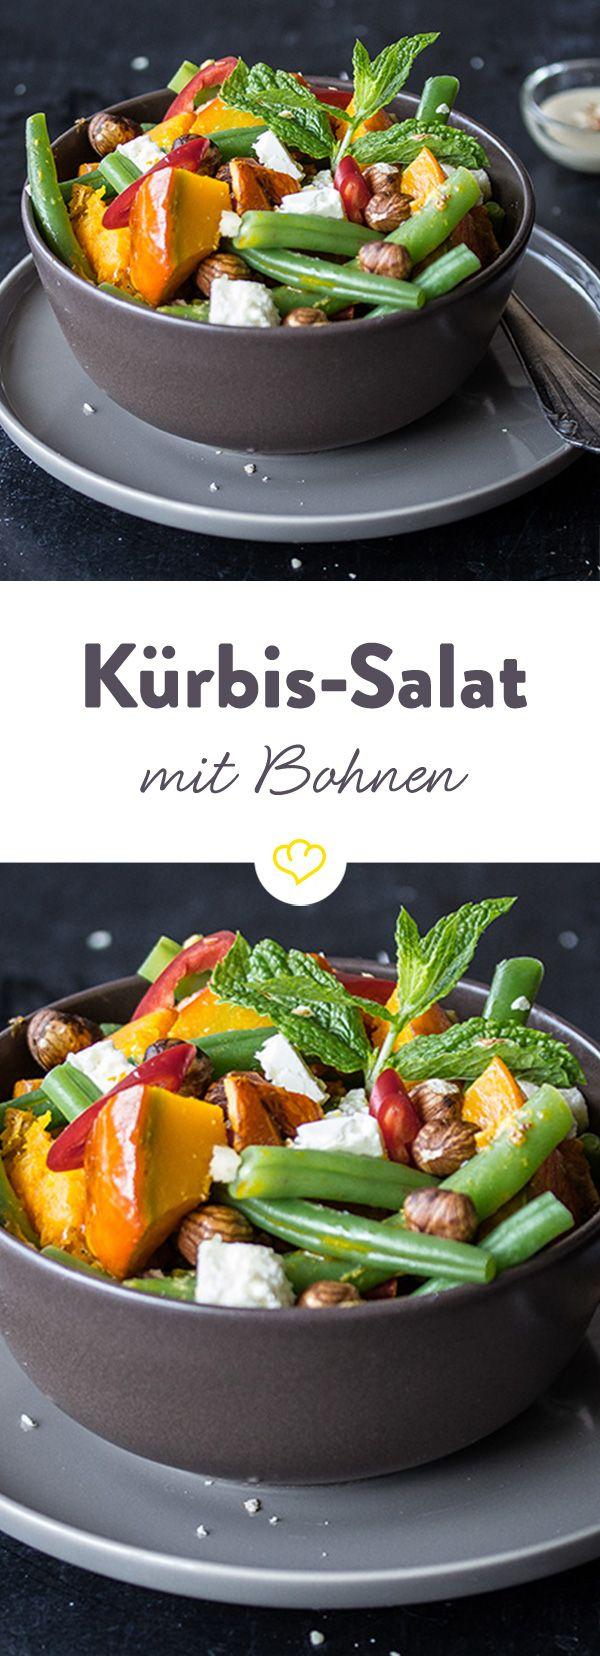 Das Rezept für Kürbis-Bohnen-Salat und weitere leckere Rezeptideen finden Sie im Springlane Magazin.